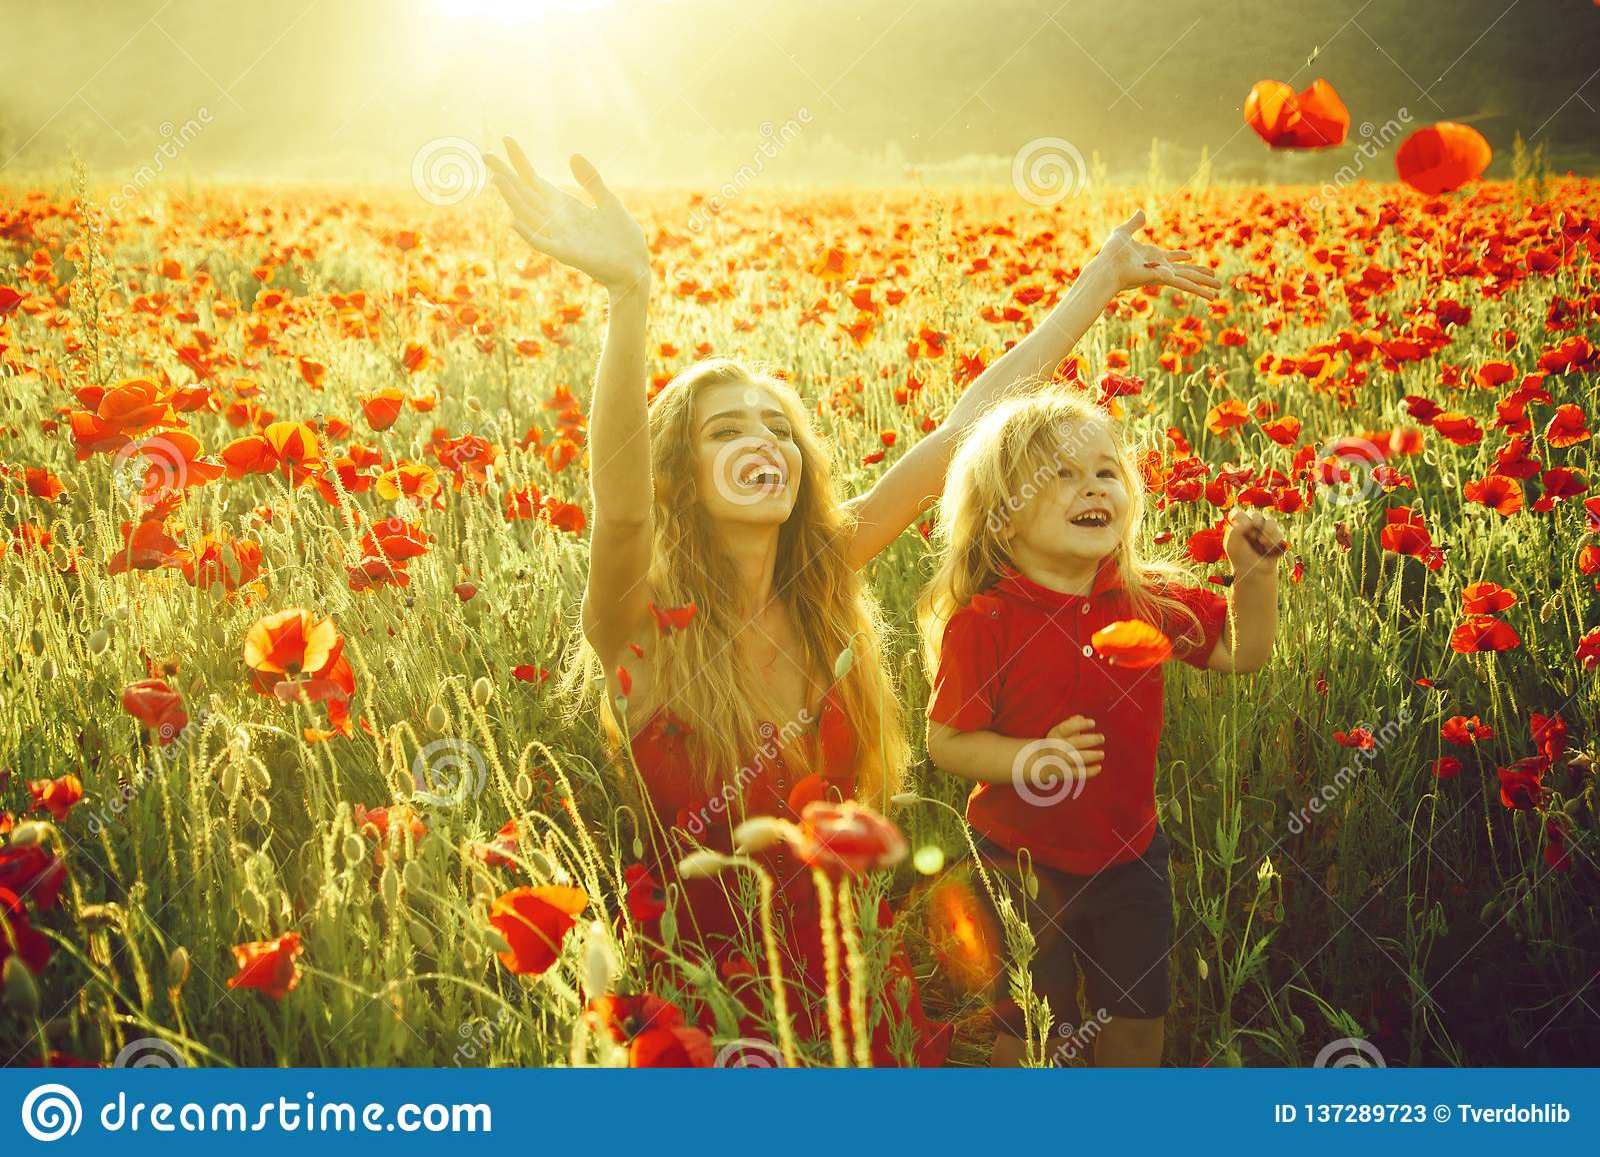 Liebe und Familie, glückliche Mutter und Kind auf dem Mohnblumengebiet